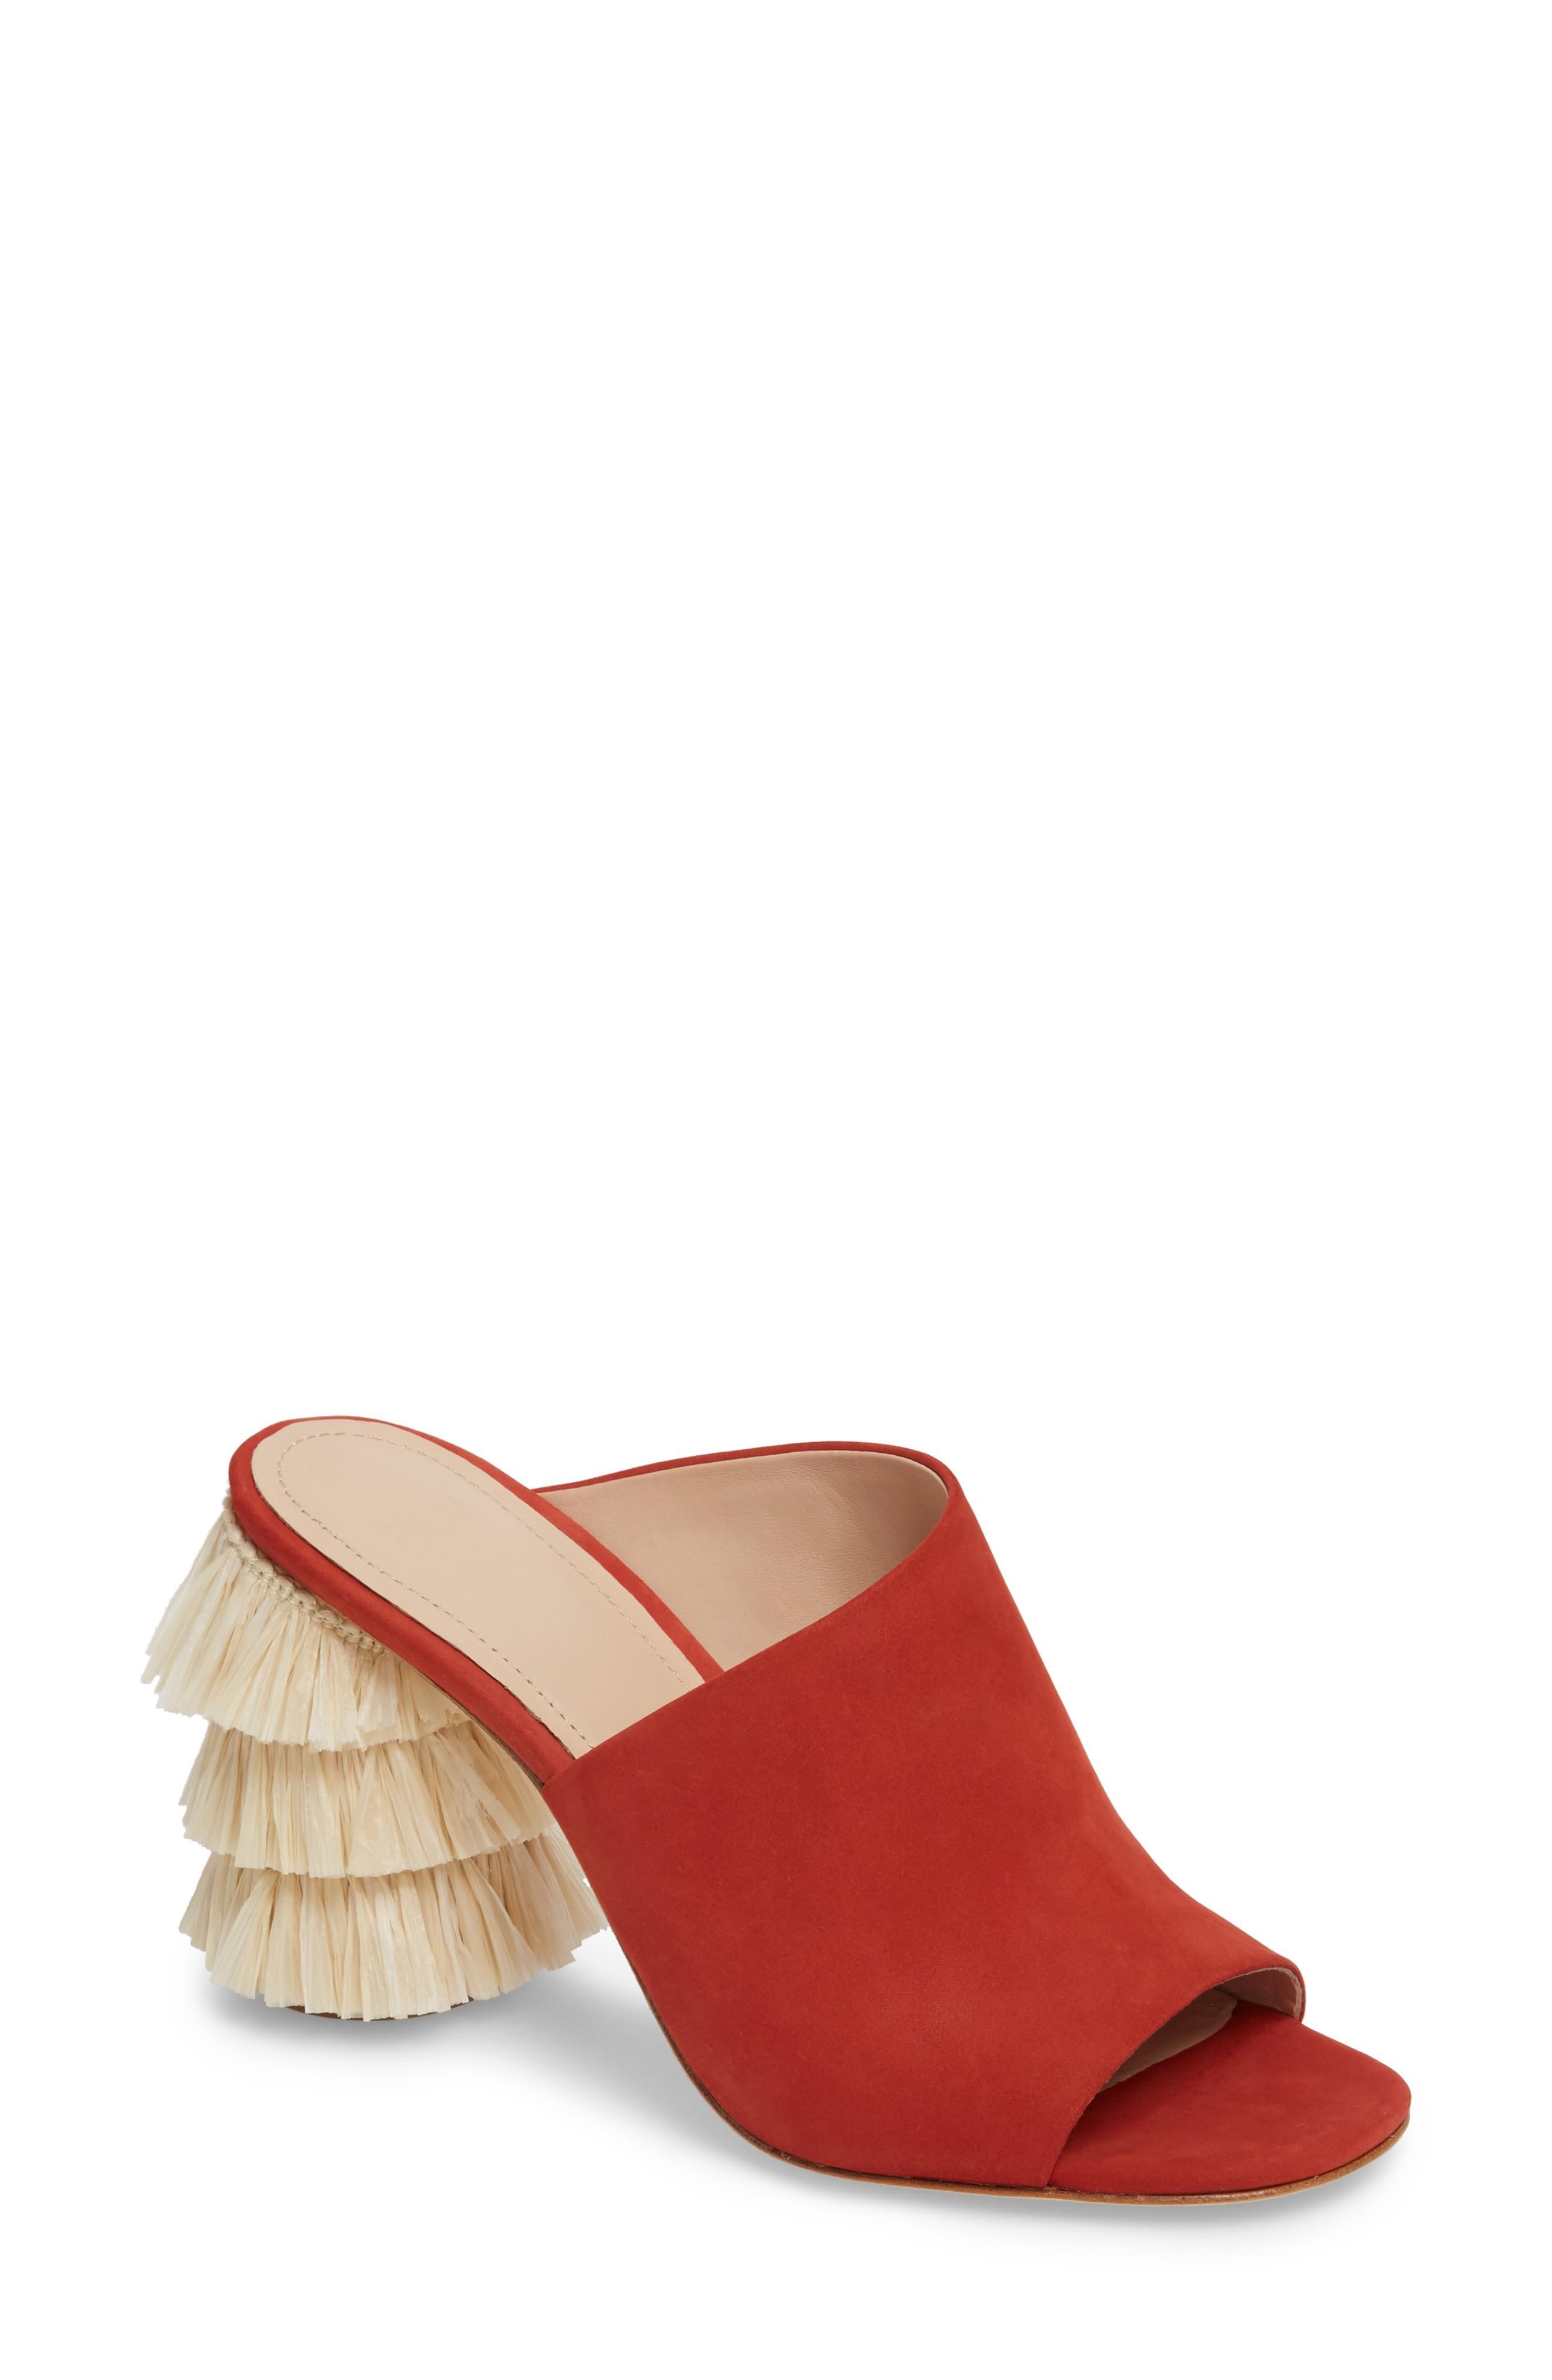 Pour La Victoire Hettie Tassel Heel Mule In Poppy Leather